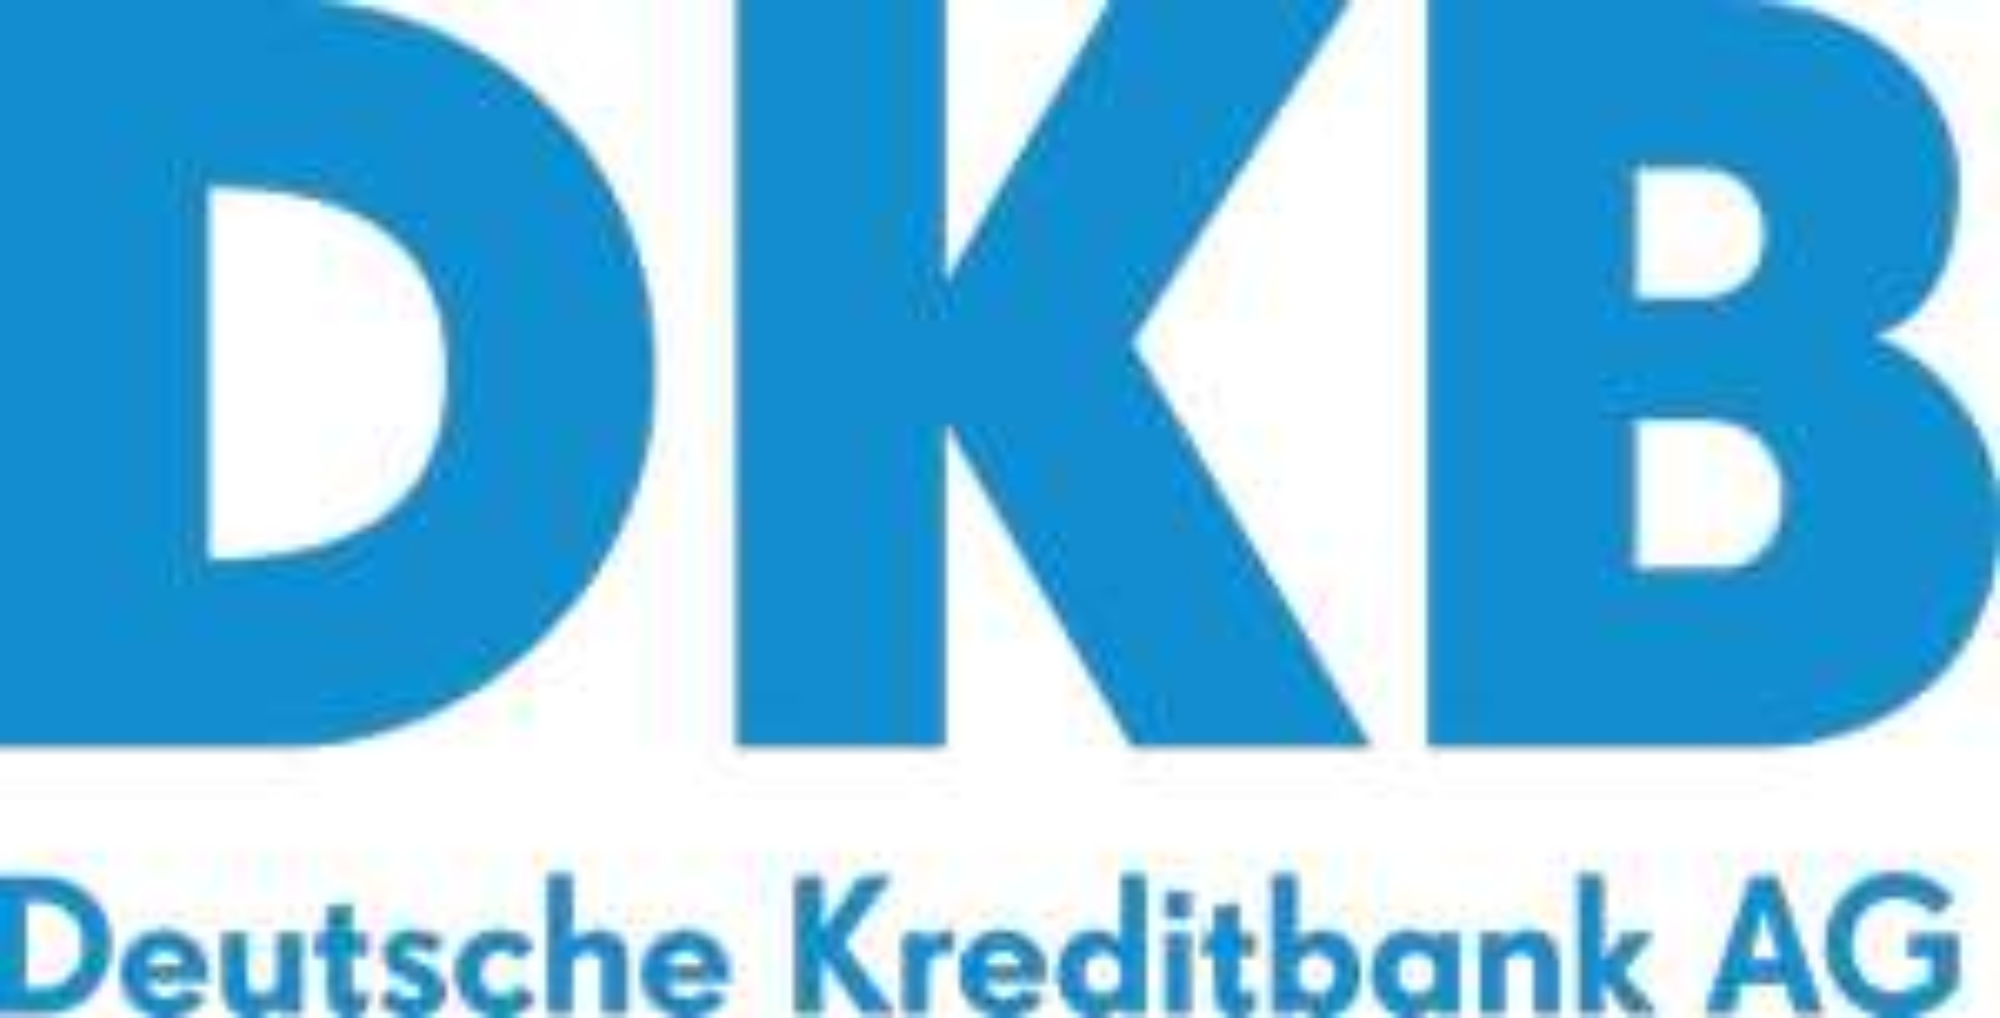 DKB Aktion: 20 ausgewählte iShares ETFs (inkl. MSCI World) für 0,00€ Ordergebühr ab 1.000€ Ordervolumen